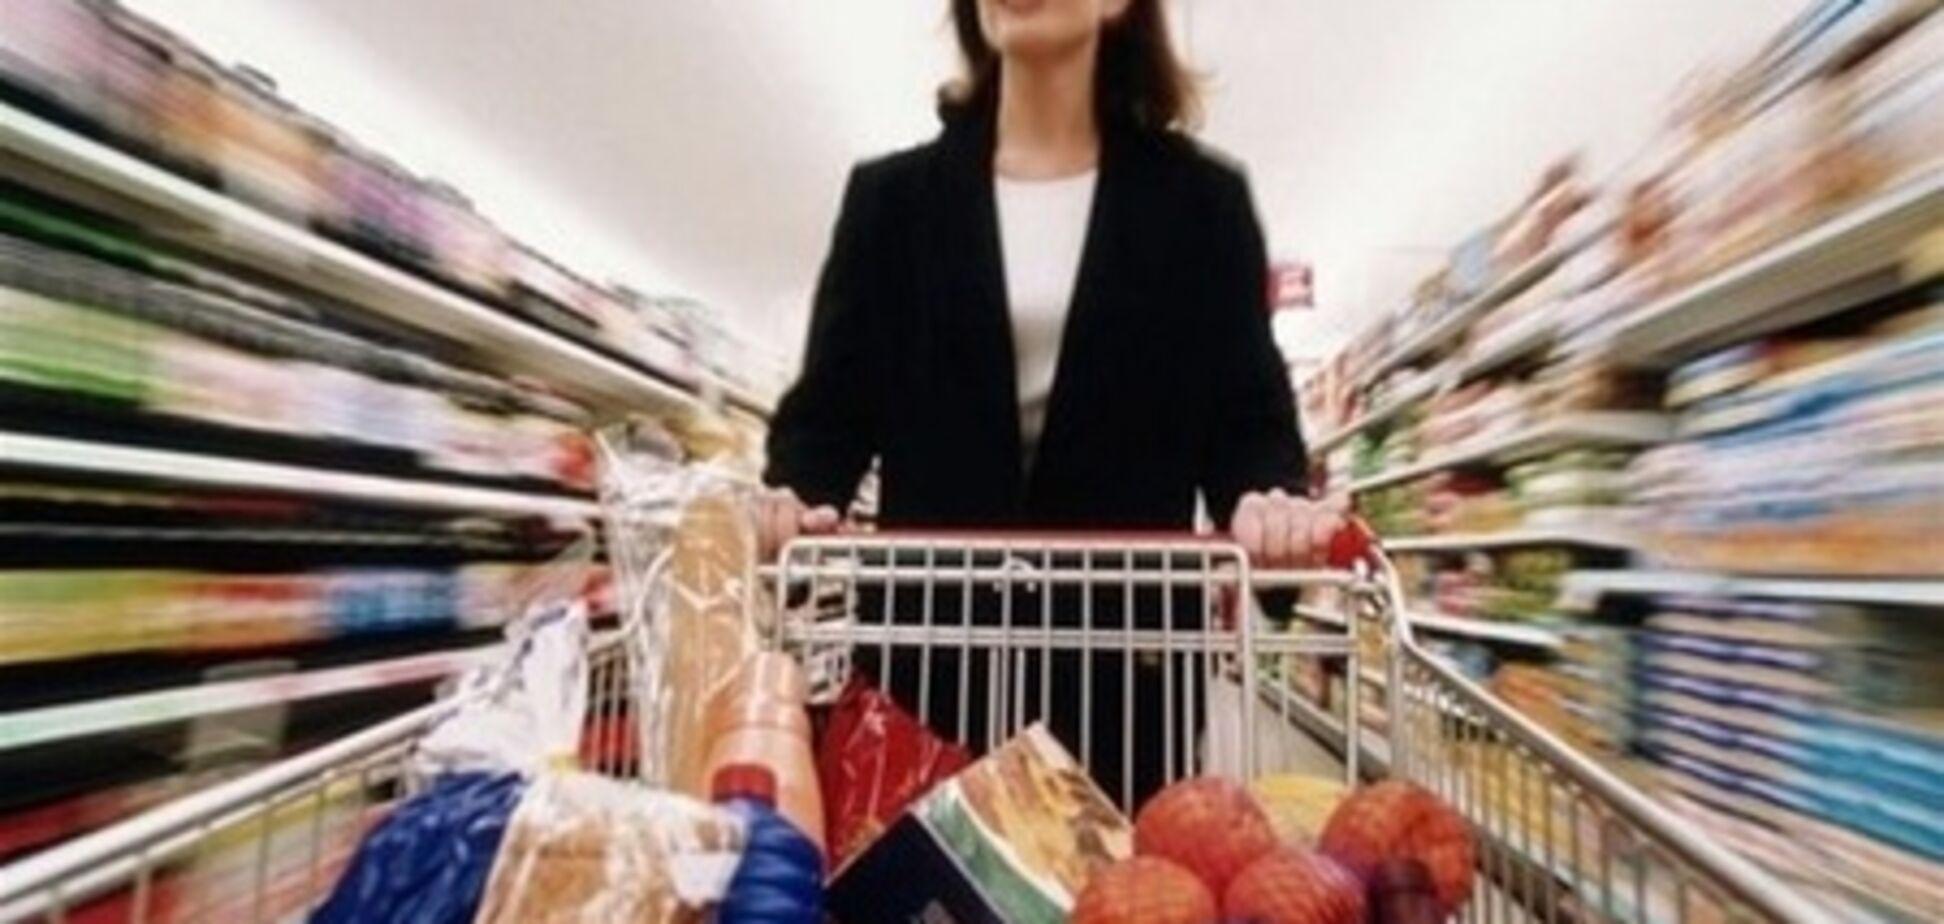 Как привлечь покупателя: немного о товарной моде